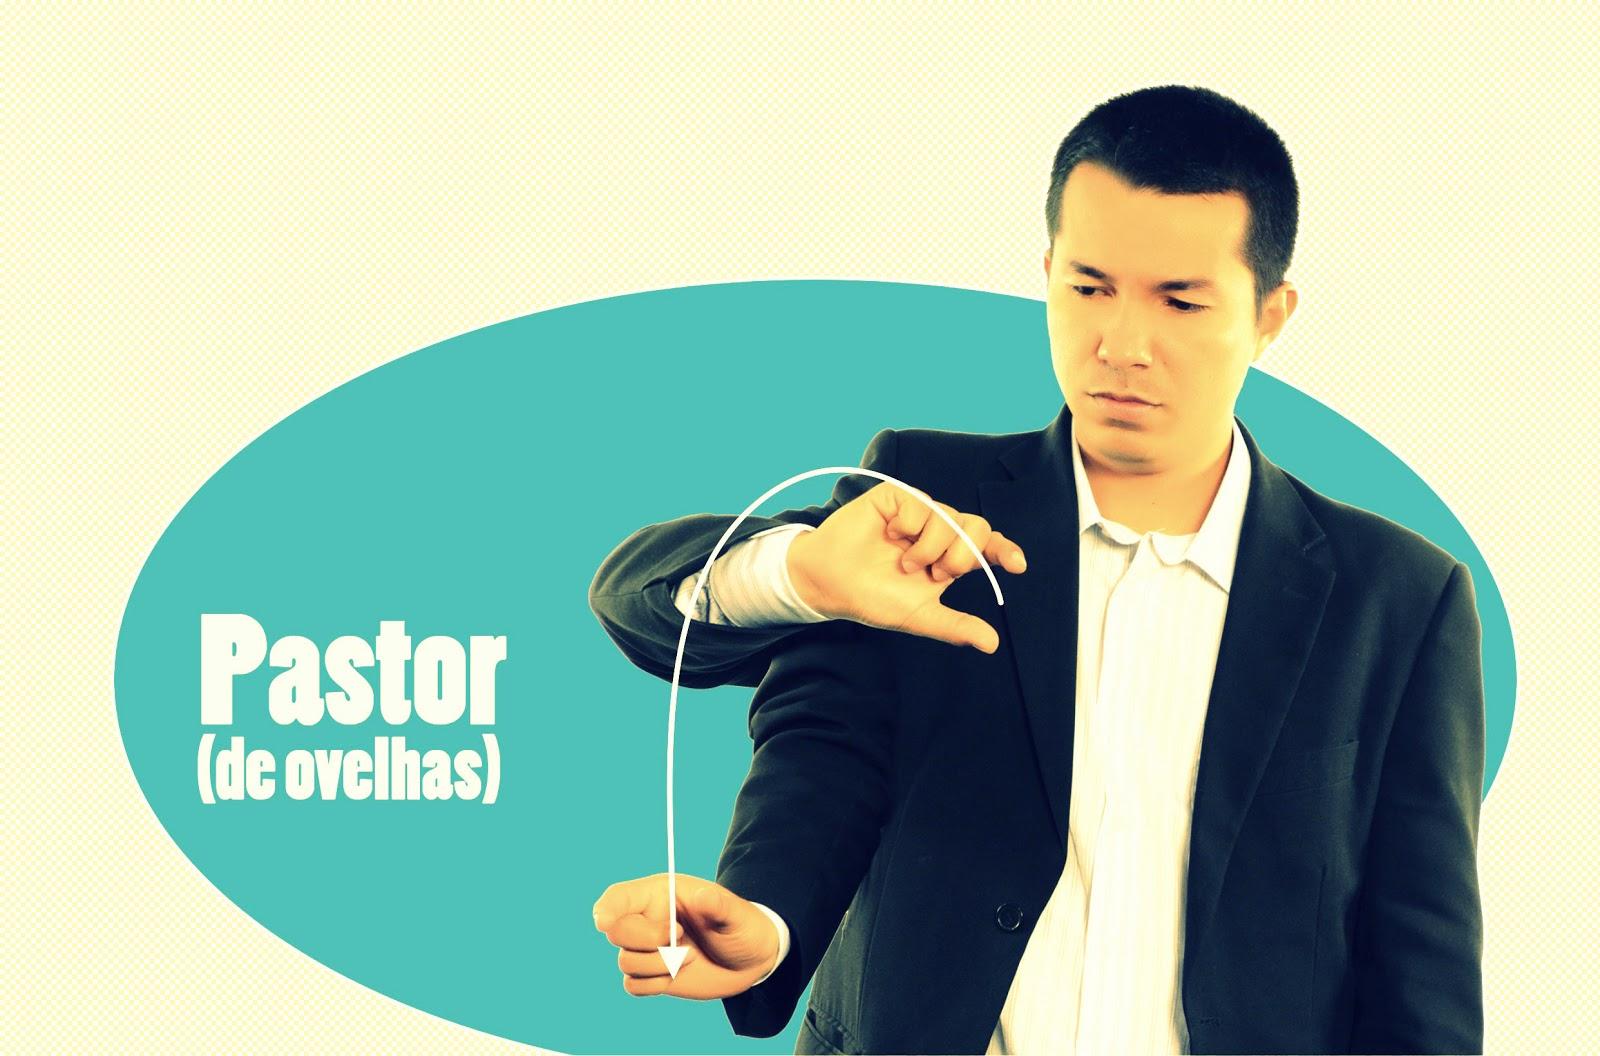 Comunicar ministério com / de surdos: Sinal de pastor em LIBRAS #B8B813 1600 1056